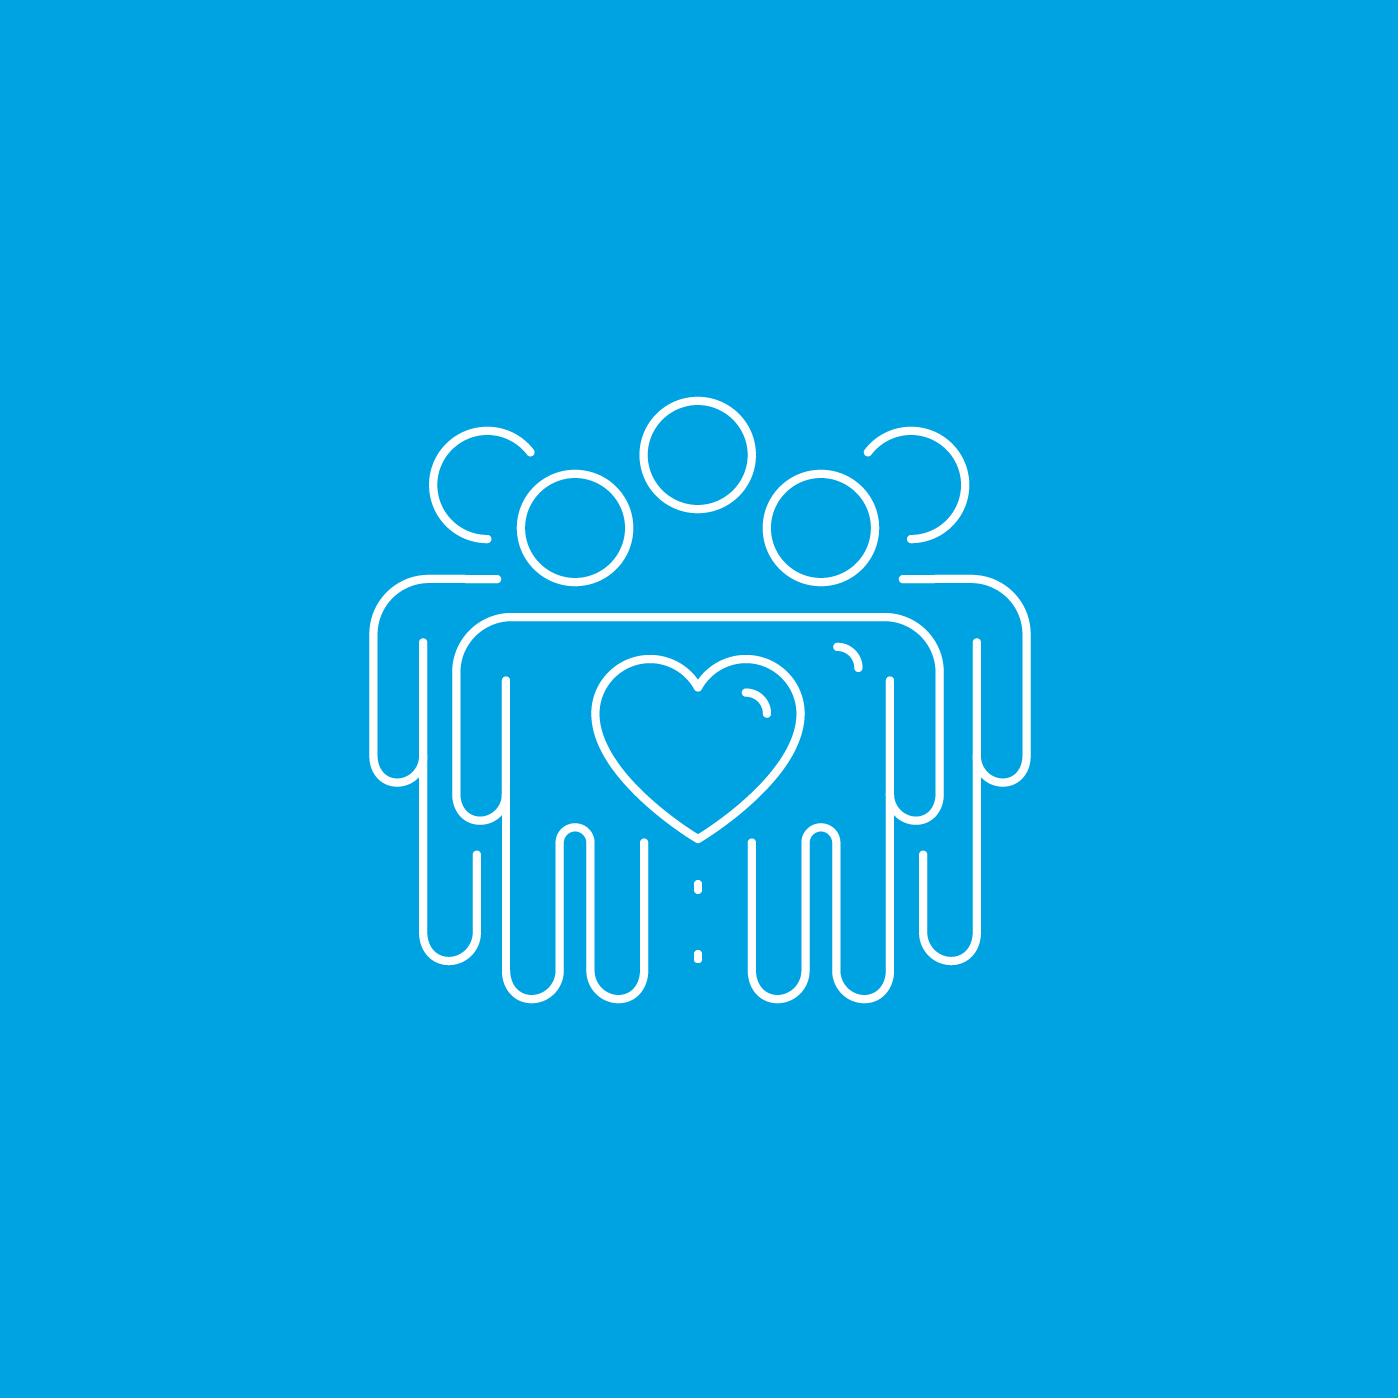 Piktogramm: Eine minimalistische Menschengruppe, in deren Mitte ein Herz steht.